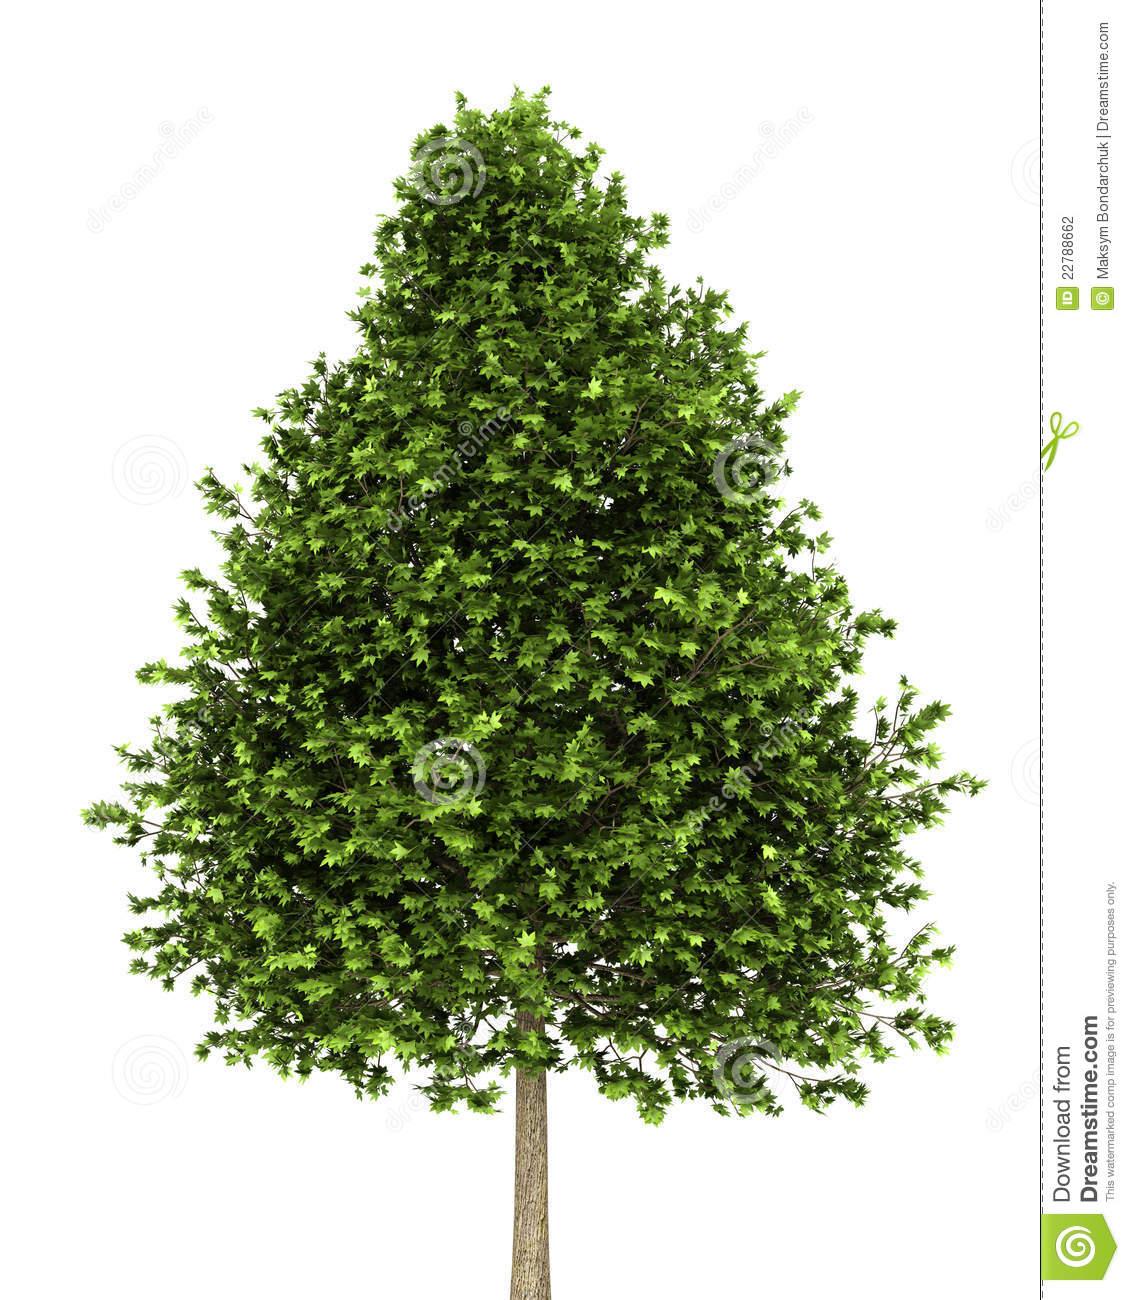 Gum ball tree clipart.